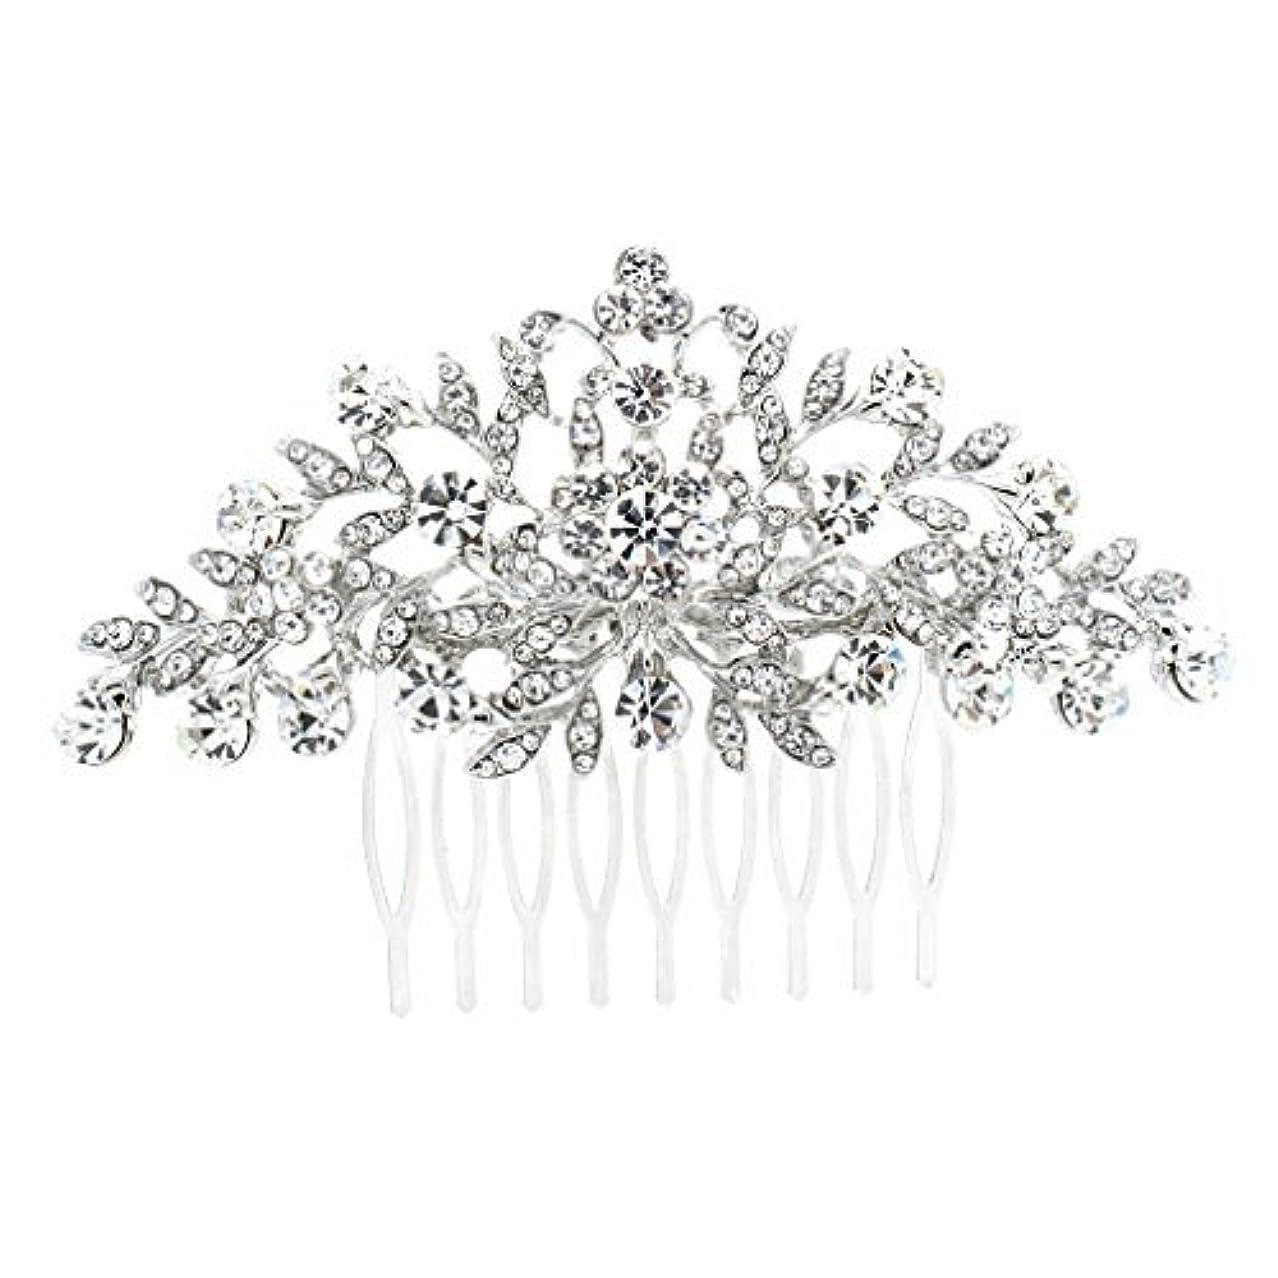 ブラウザ批判する蛇行SEPBRDIALS Rhinestone Crystal Hair Comb Pins Women Wedding Hair Jewelry Accessories FA2944 (Silver) [並行輸入品]